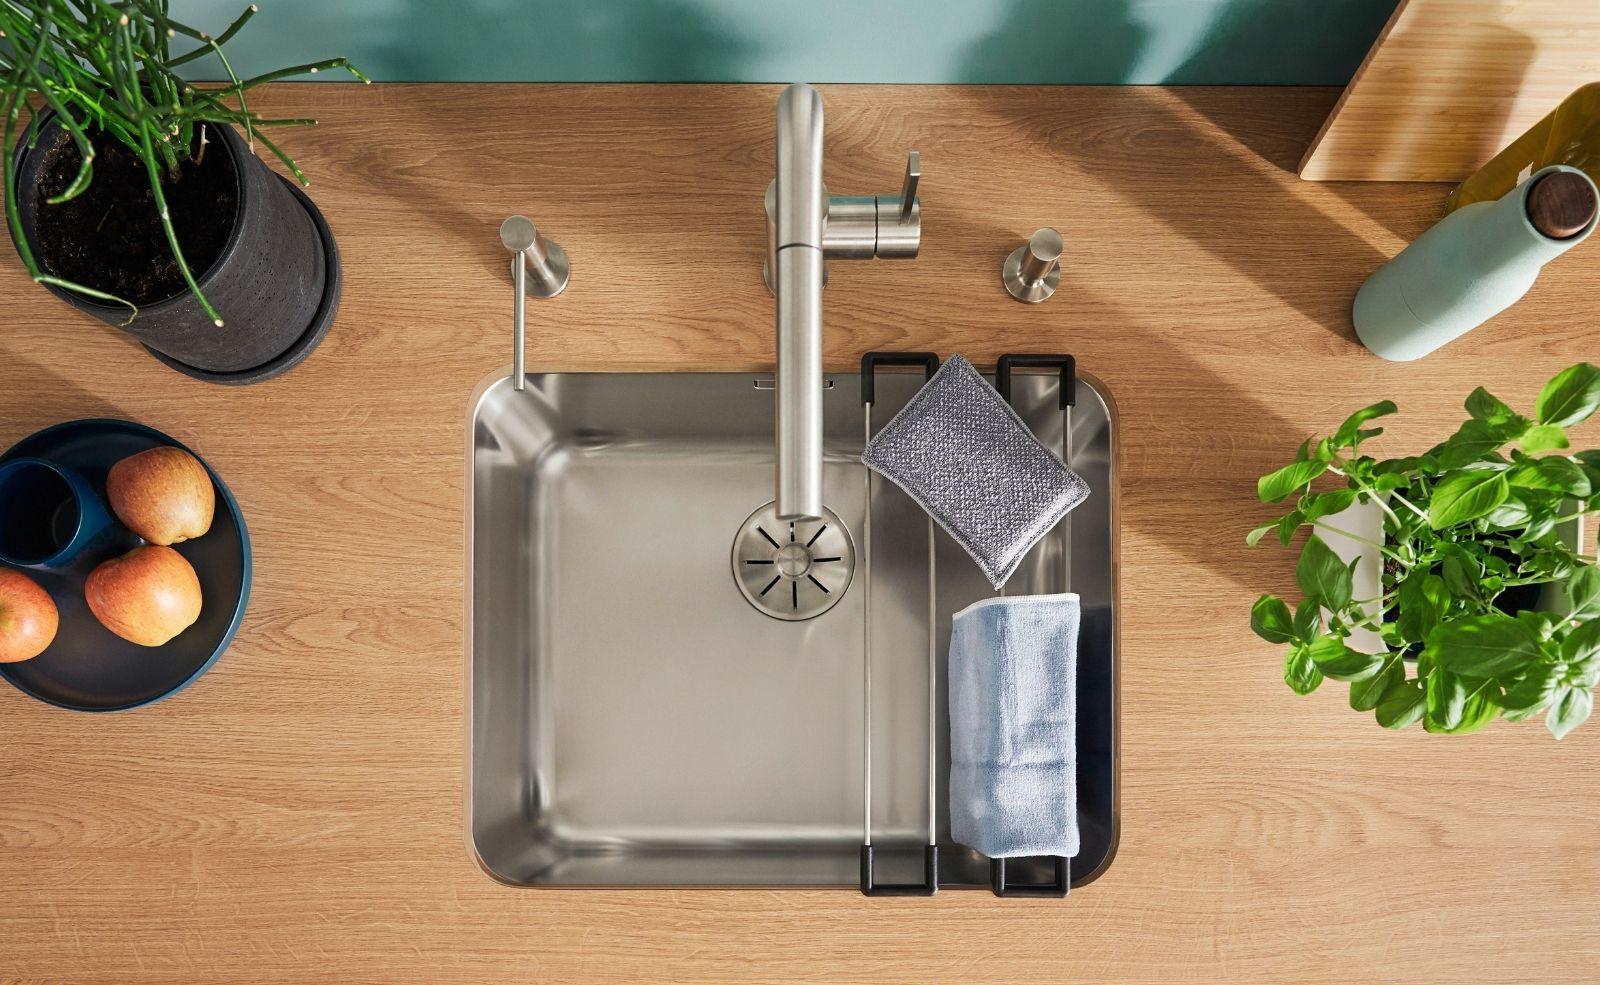 BLANCO Solis: Extra große Spüle für mehr Platz & Komfort in der Küche